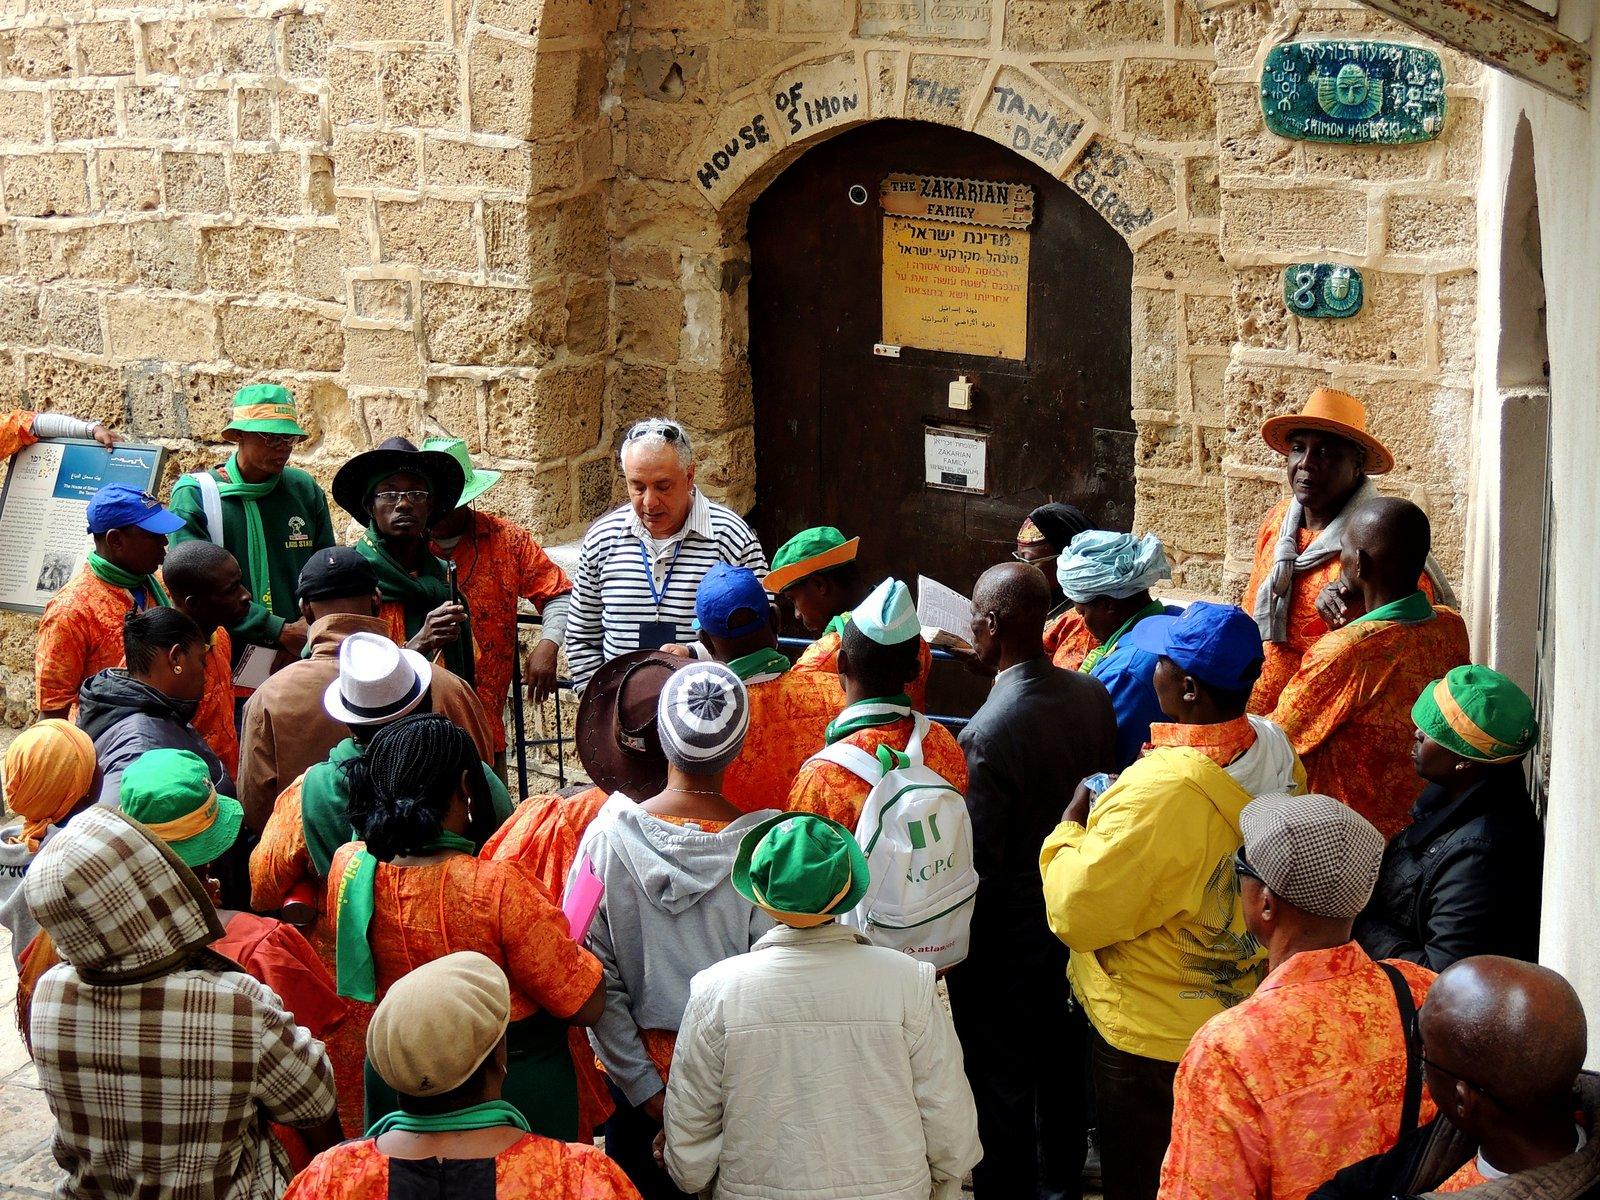 Haus von Simon dem Gerber in Jaffa